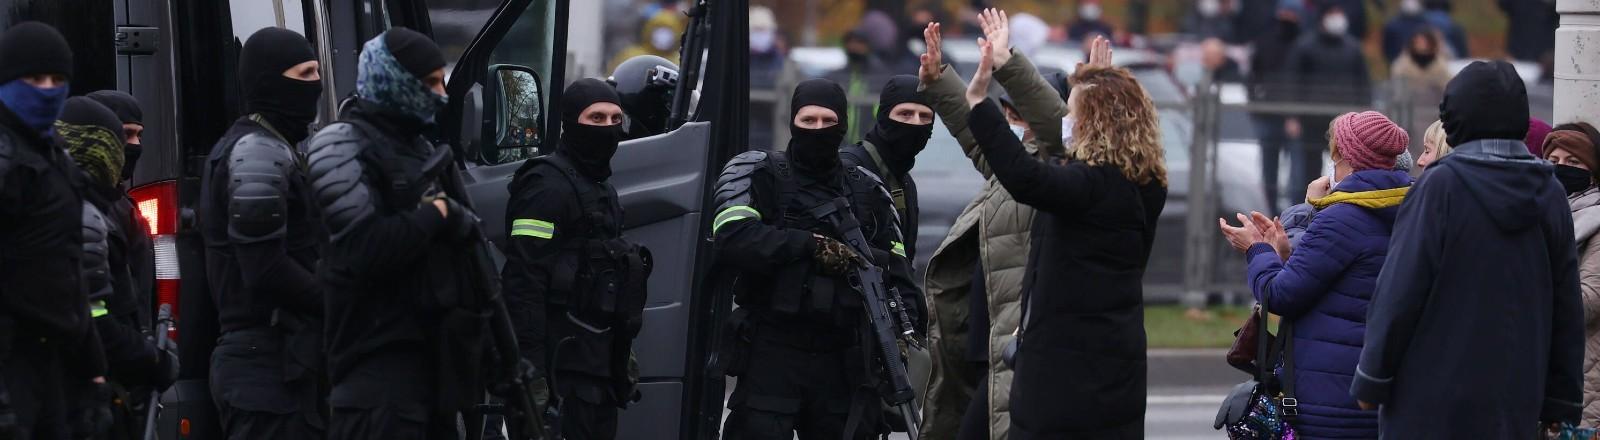 Polizisten stehen mit Waffen vor Demonstrierenden bei einem Protest am 15.11.2020.